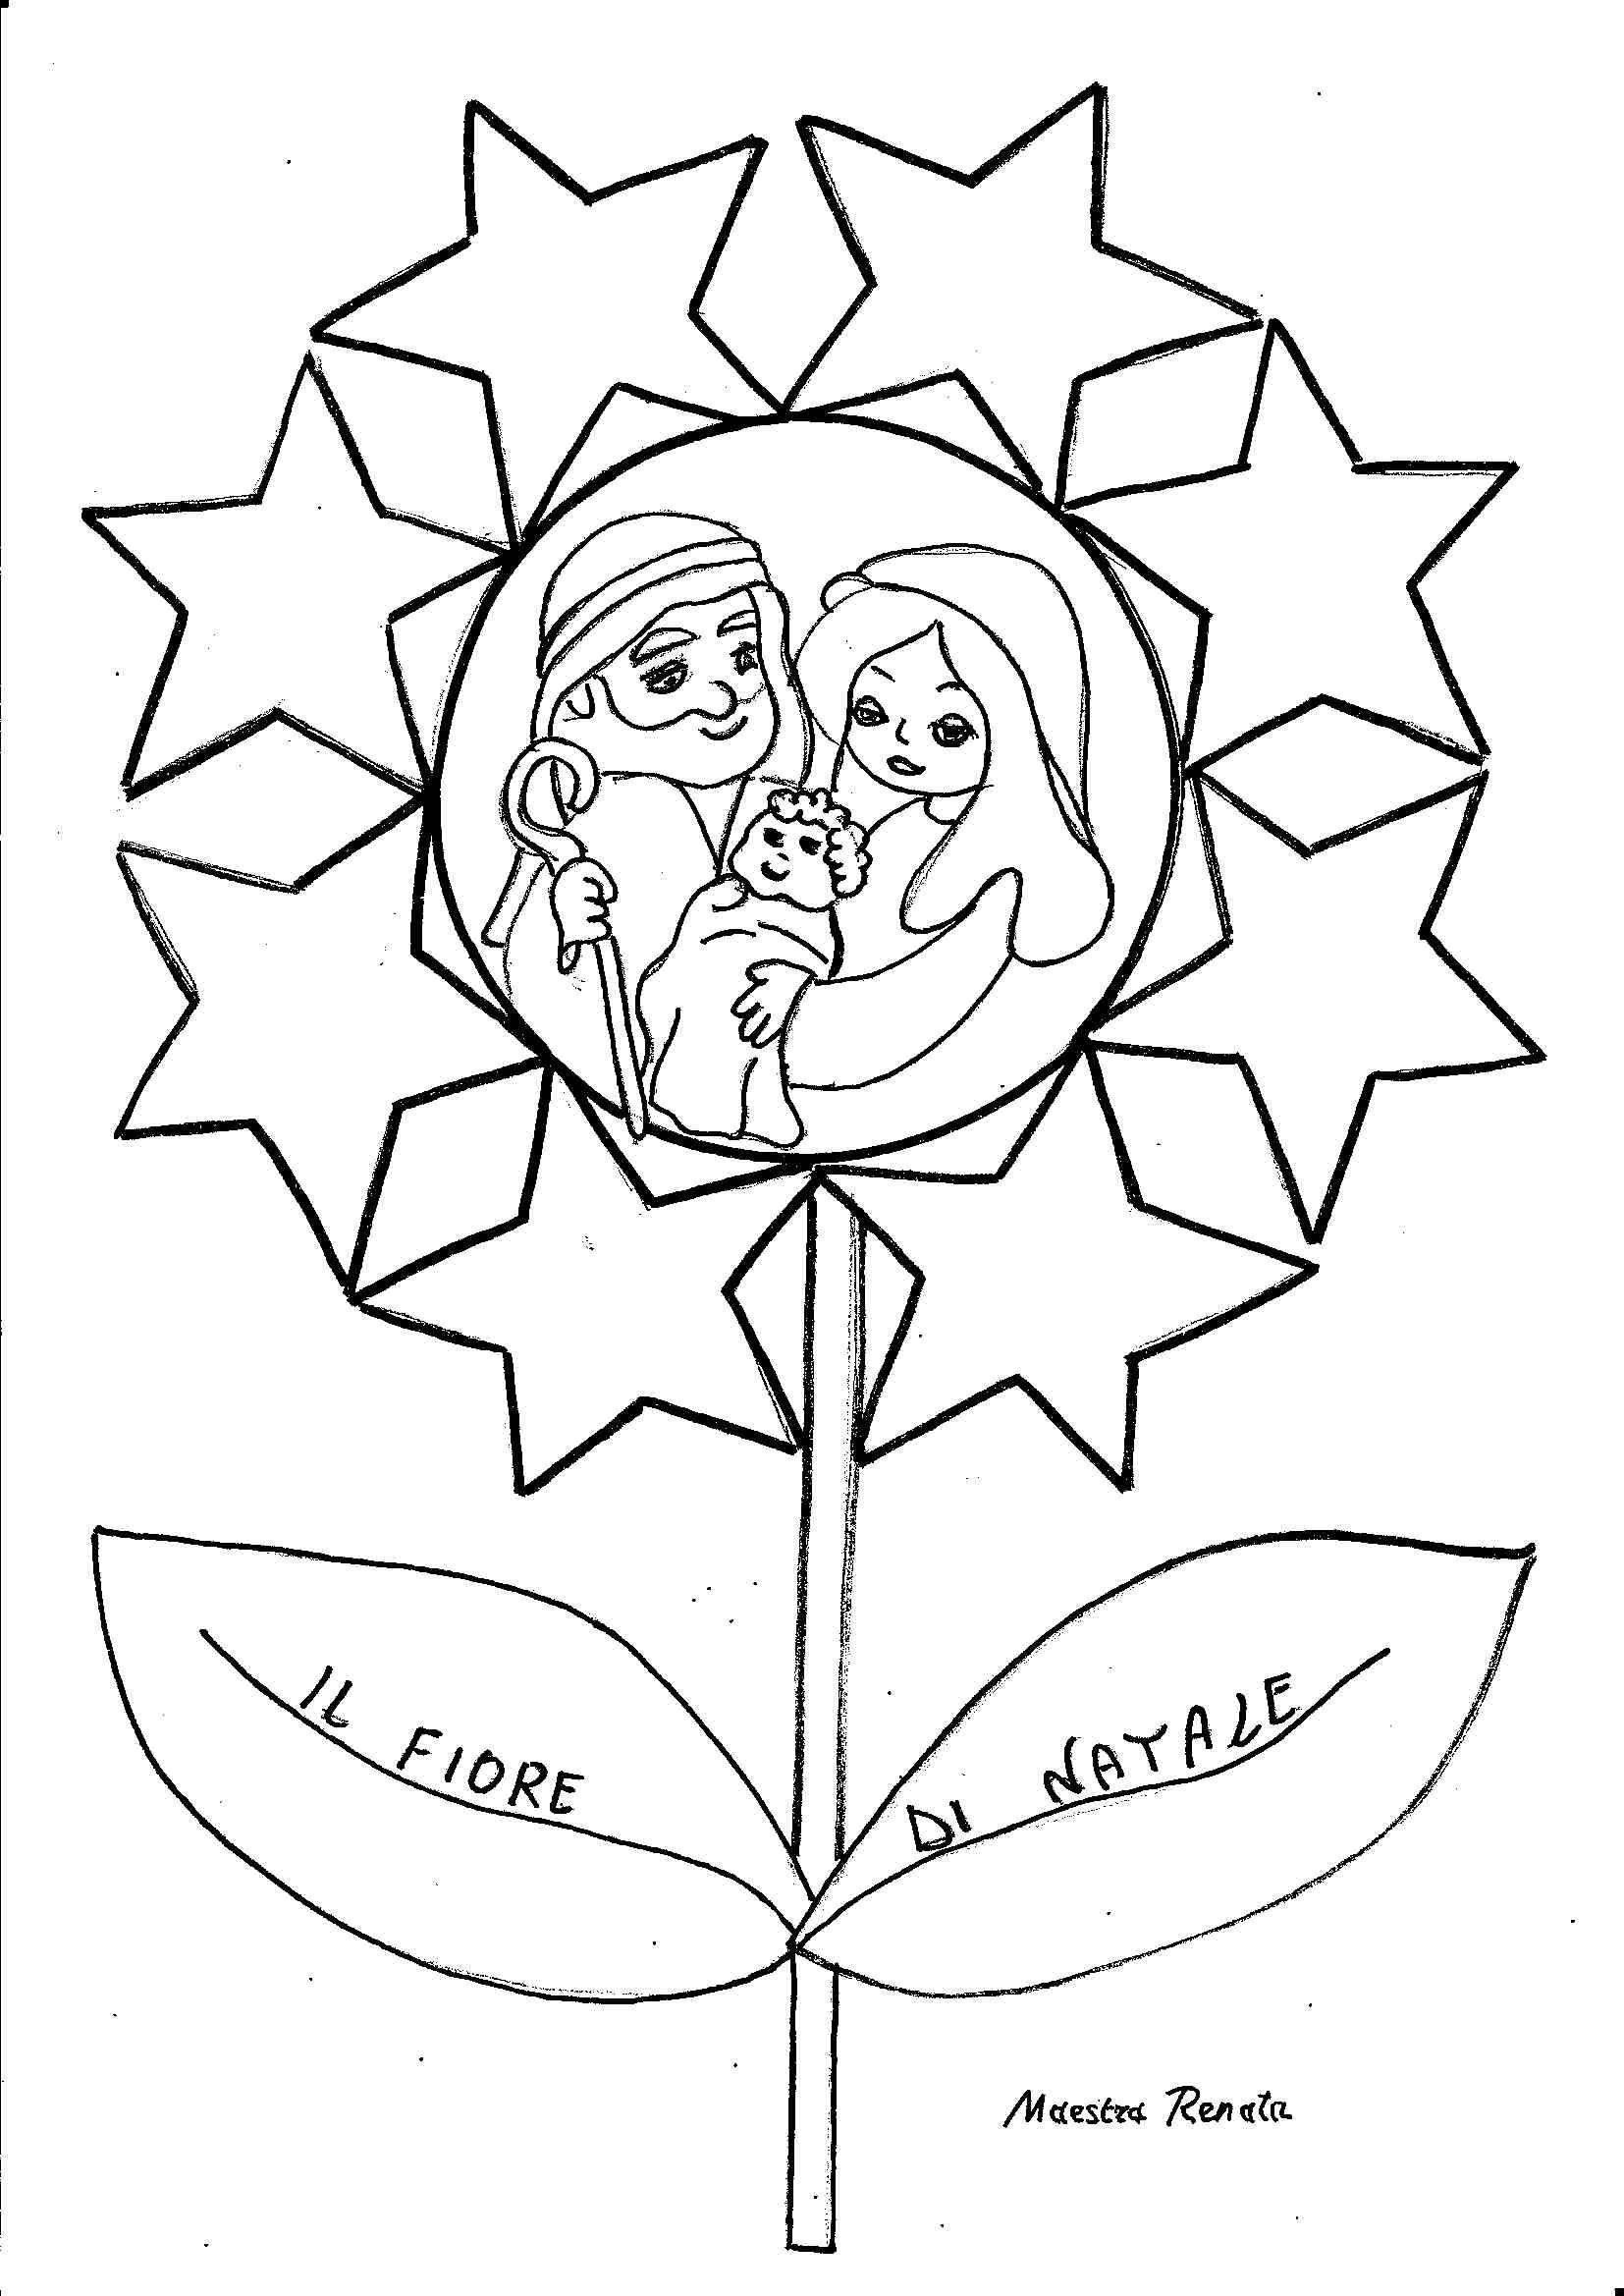 Collegamento religione christmas coloring pages for Maestra sandra pasqua